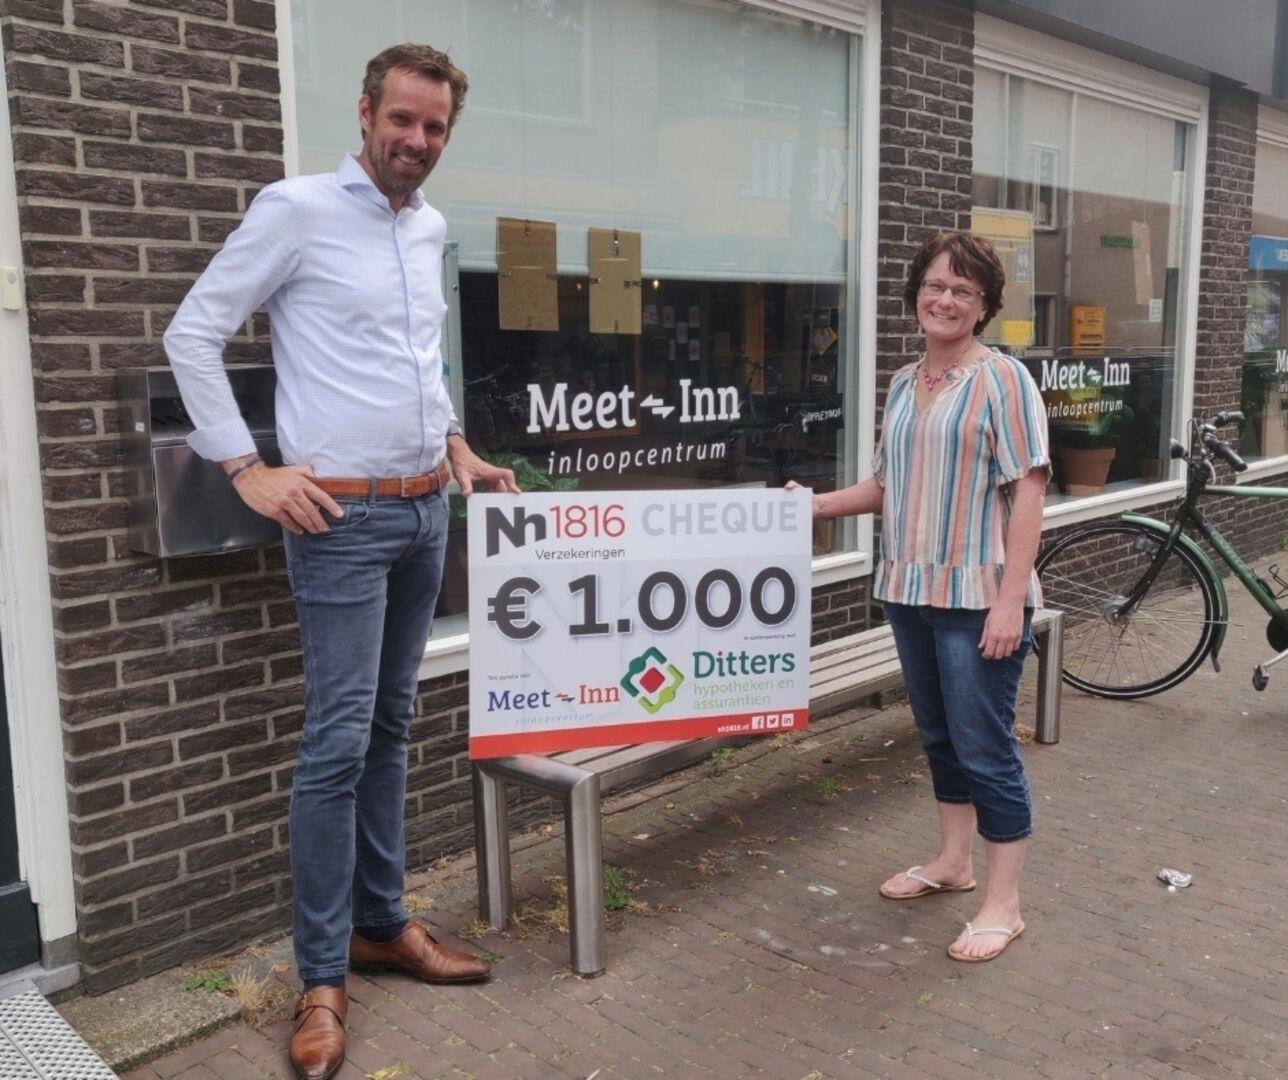 Meet-Inn